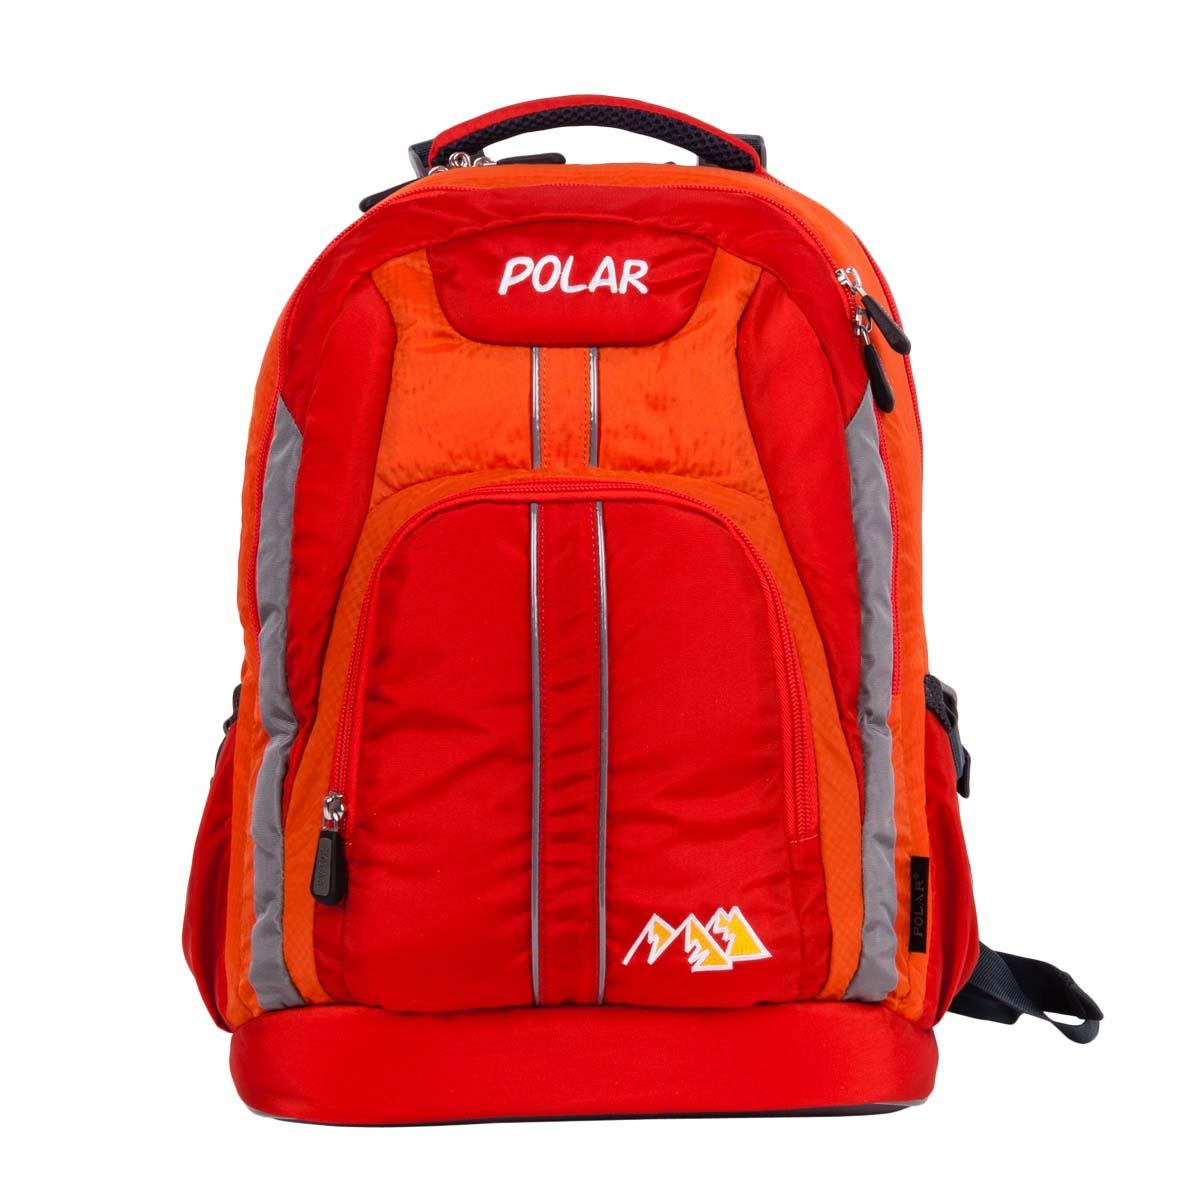 Рюкзак детский городской Polar, 24 л, цвет: оранжевый. П221-02 рюкзак polar polar po001burvn31